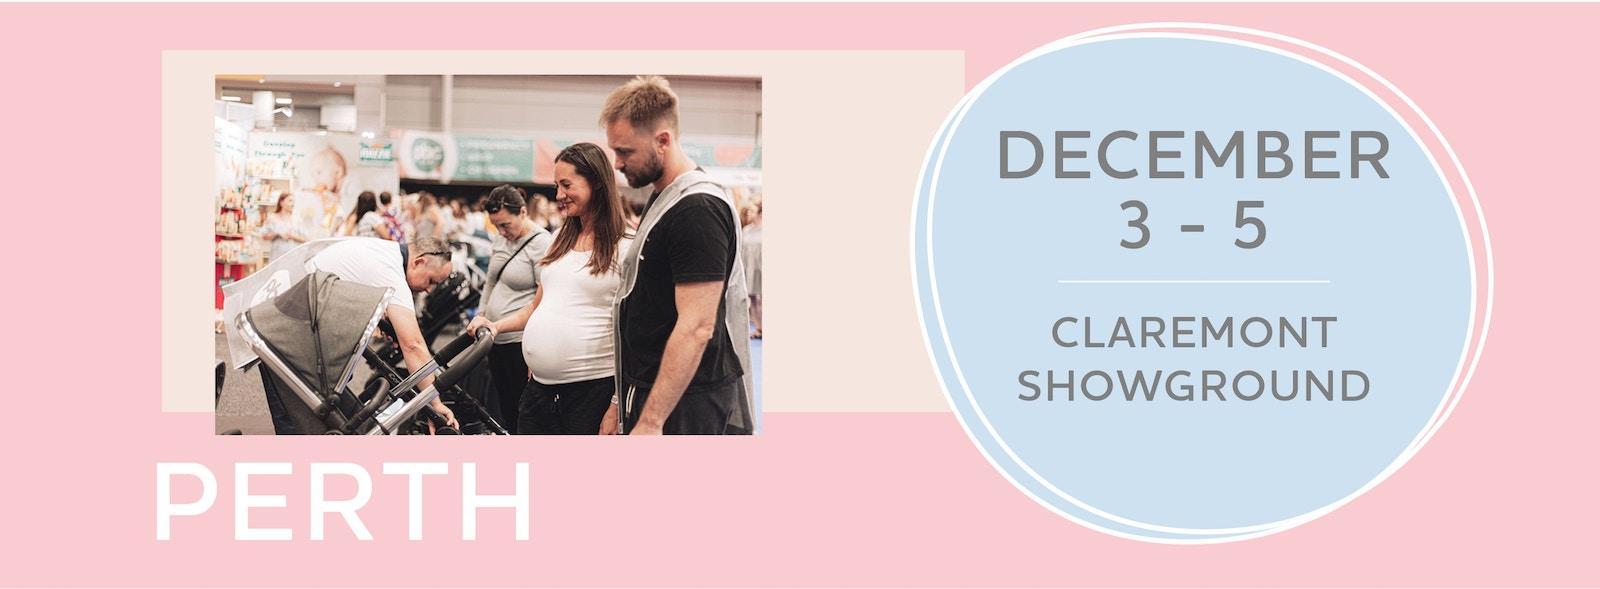 Perth 3 - 5 December, Claremont Showground